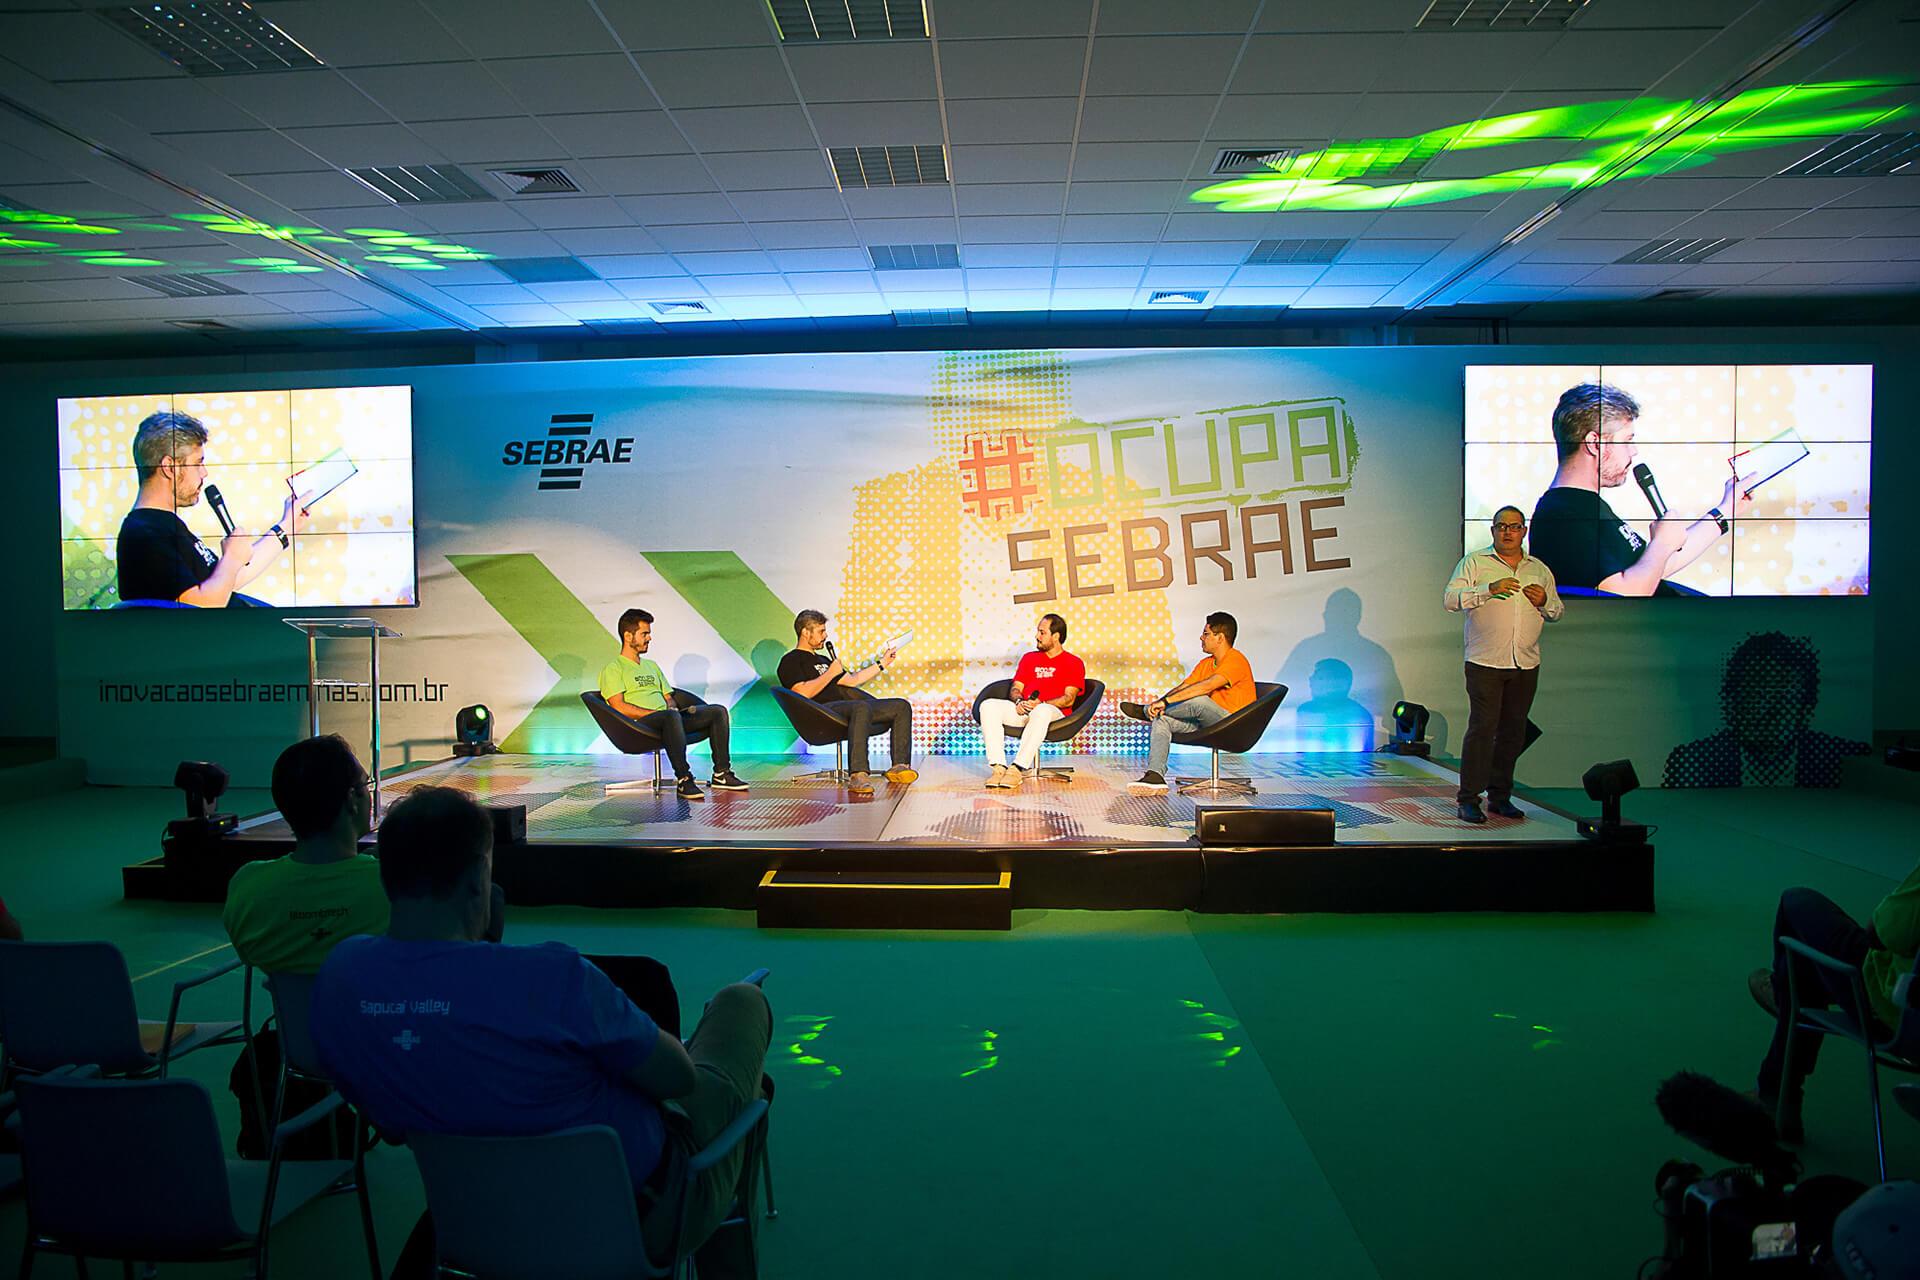 Ocupa Sebrae reúne ecossistemas de startups mineiros em BH